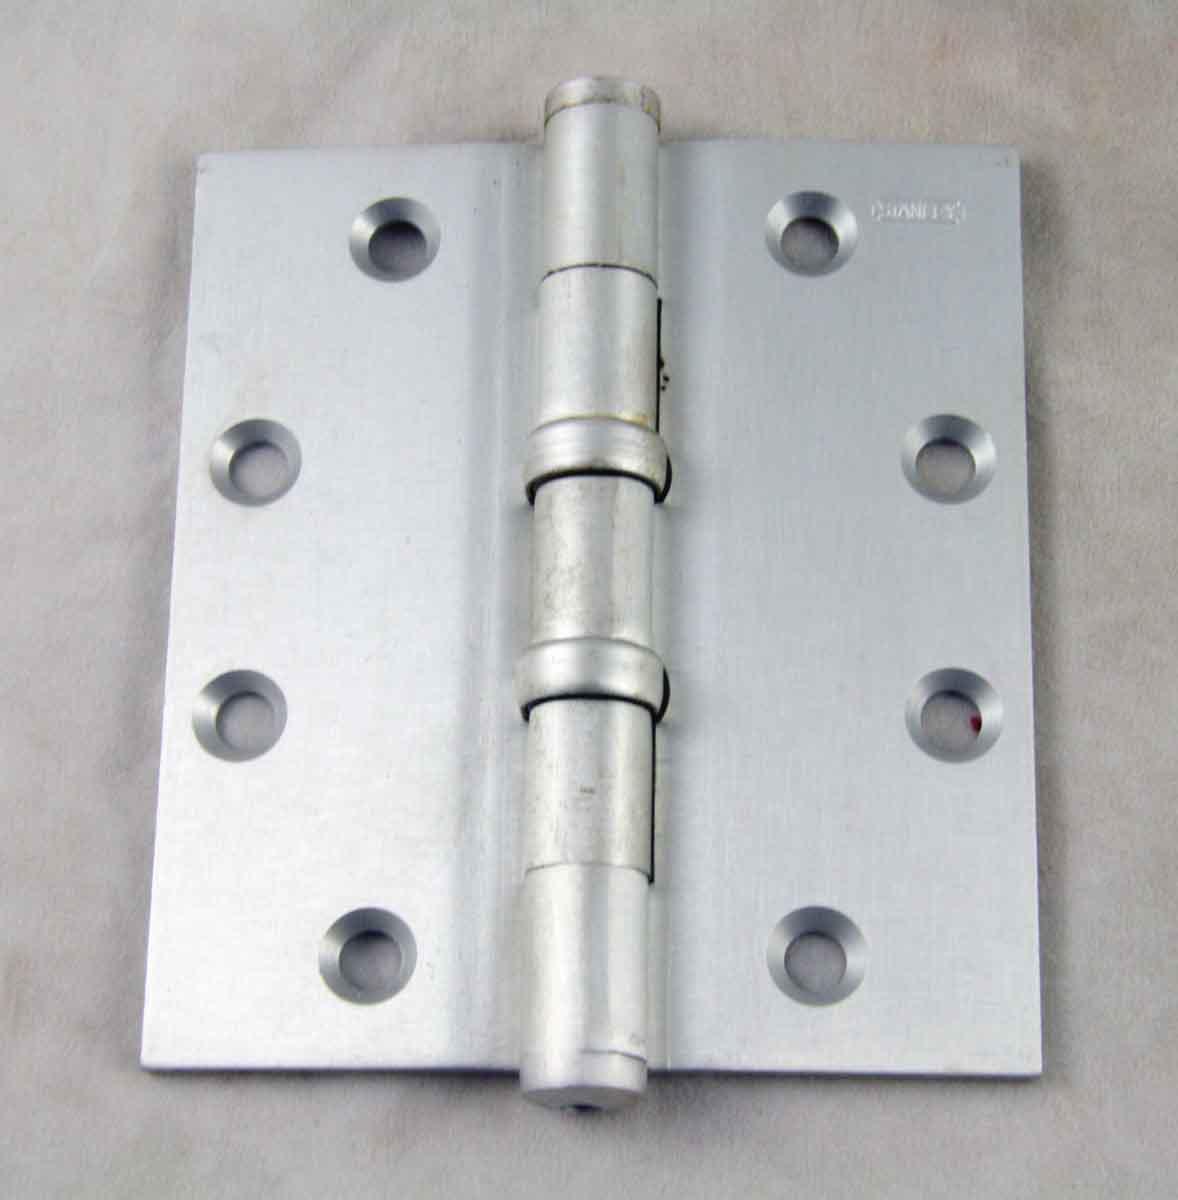 Stanley Aluminum Satin Butt Door Hinge with Flat Ball Tips